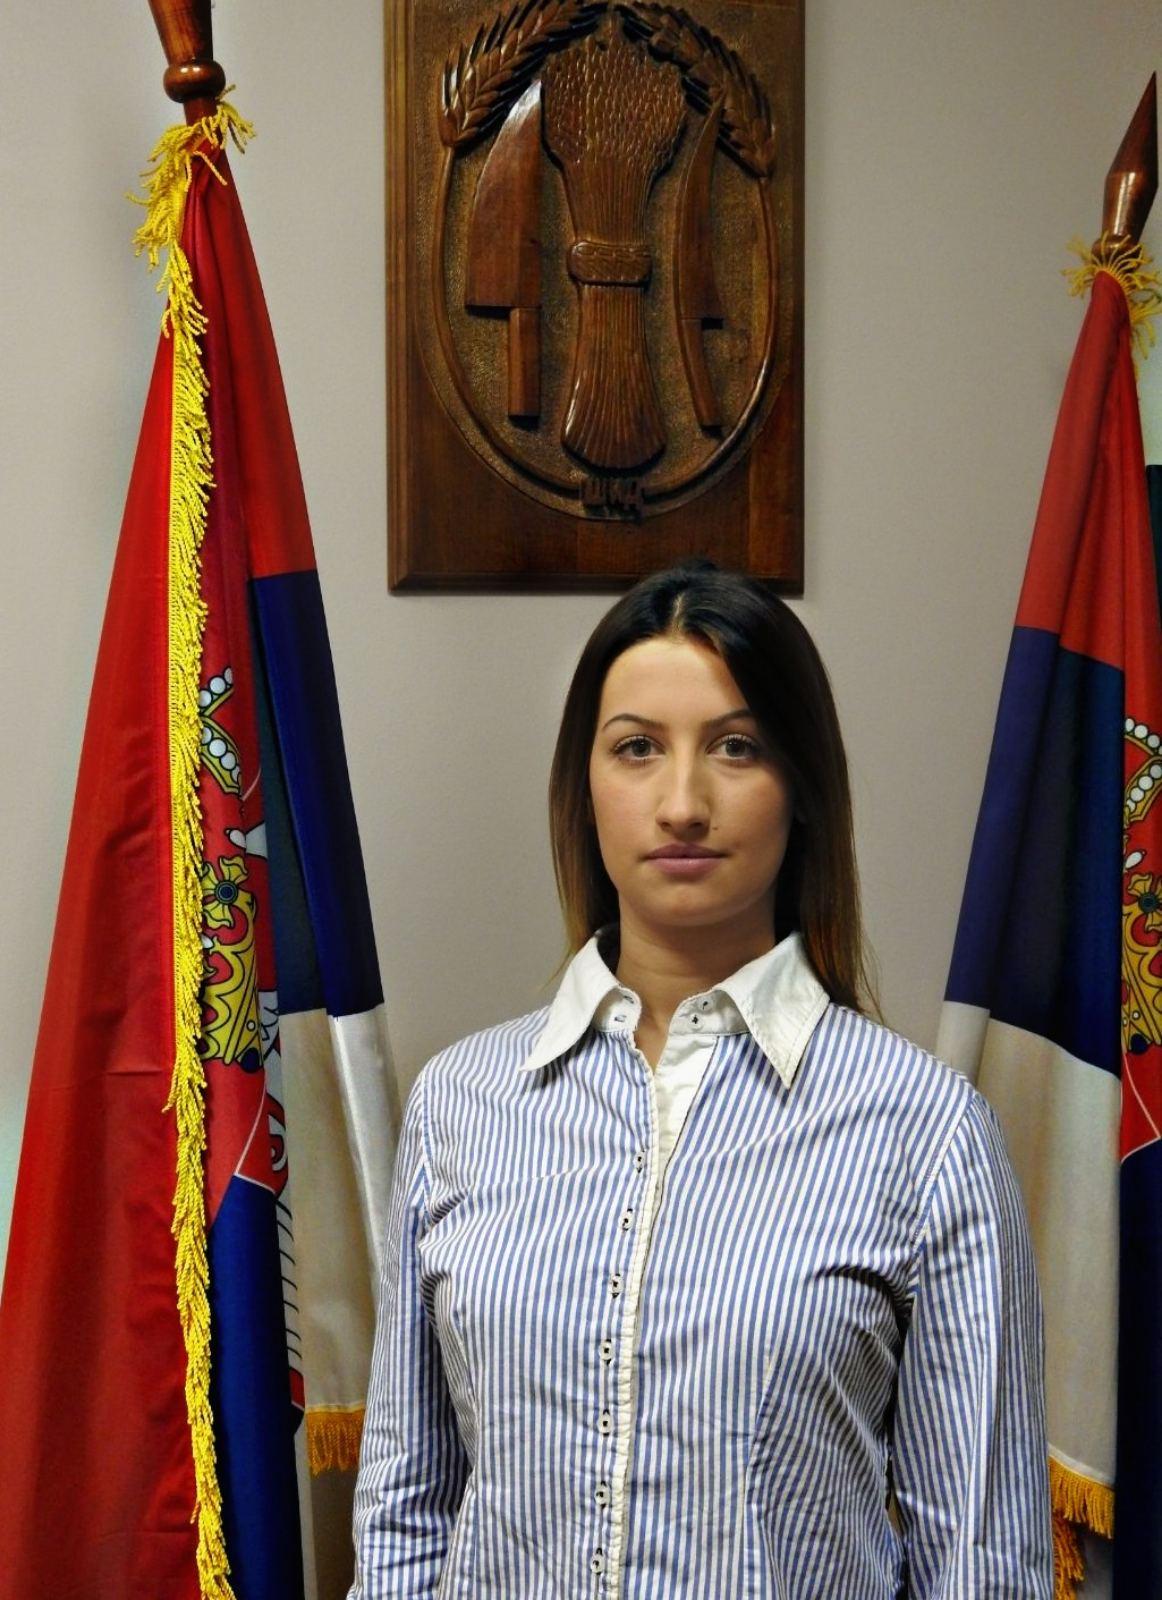 Јелена Малић